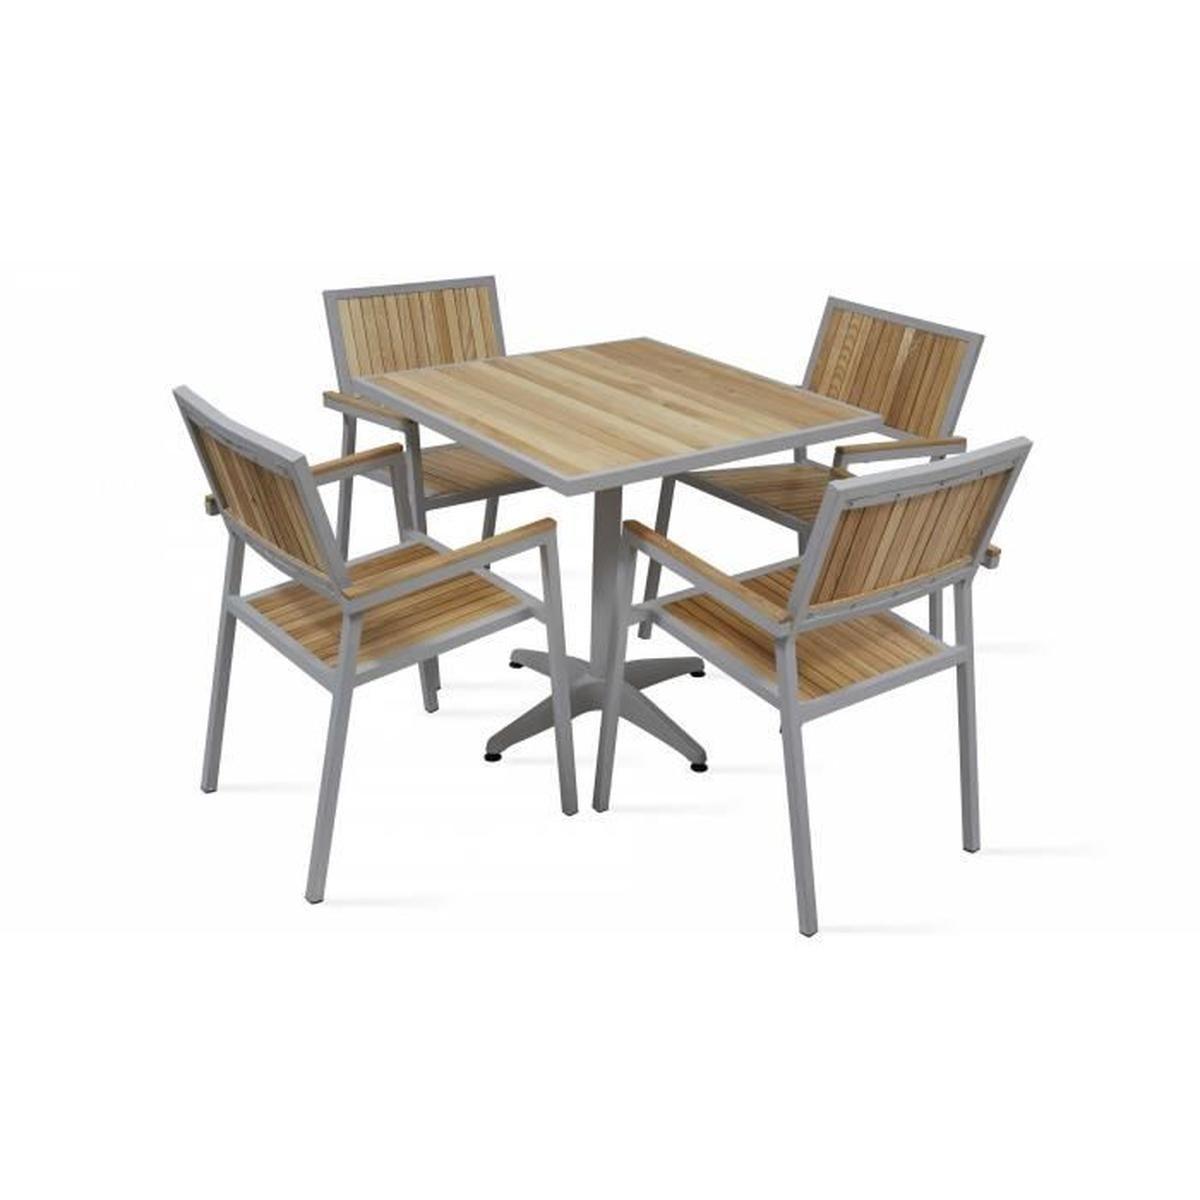 Salon De Jardin 4 Places - Table Carrée Et Chaises En Alu Et ... encequiconcerne Table De Jardin Cdiscount